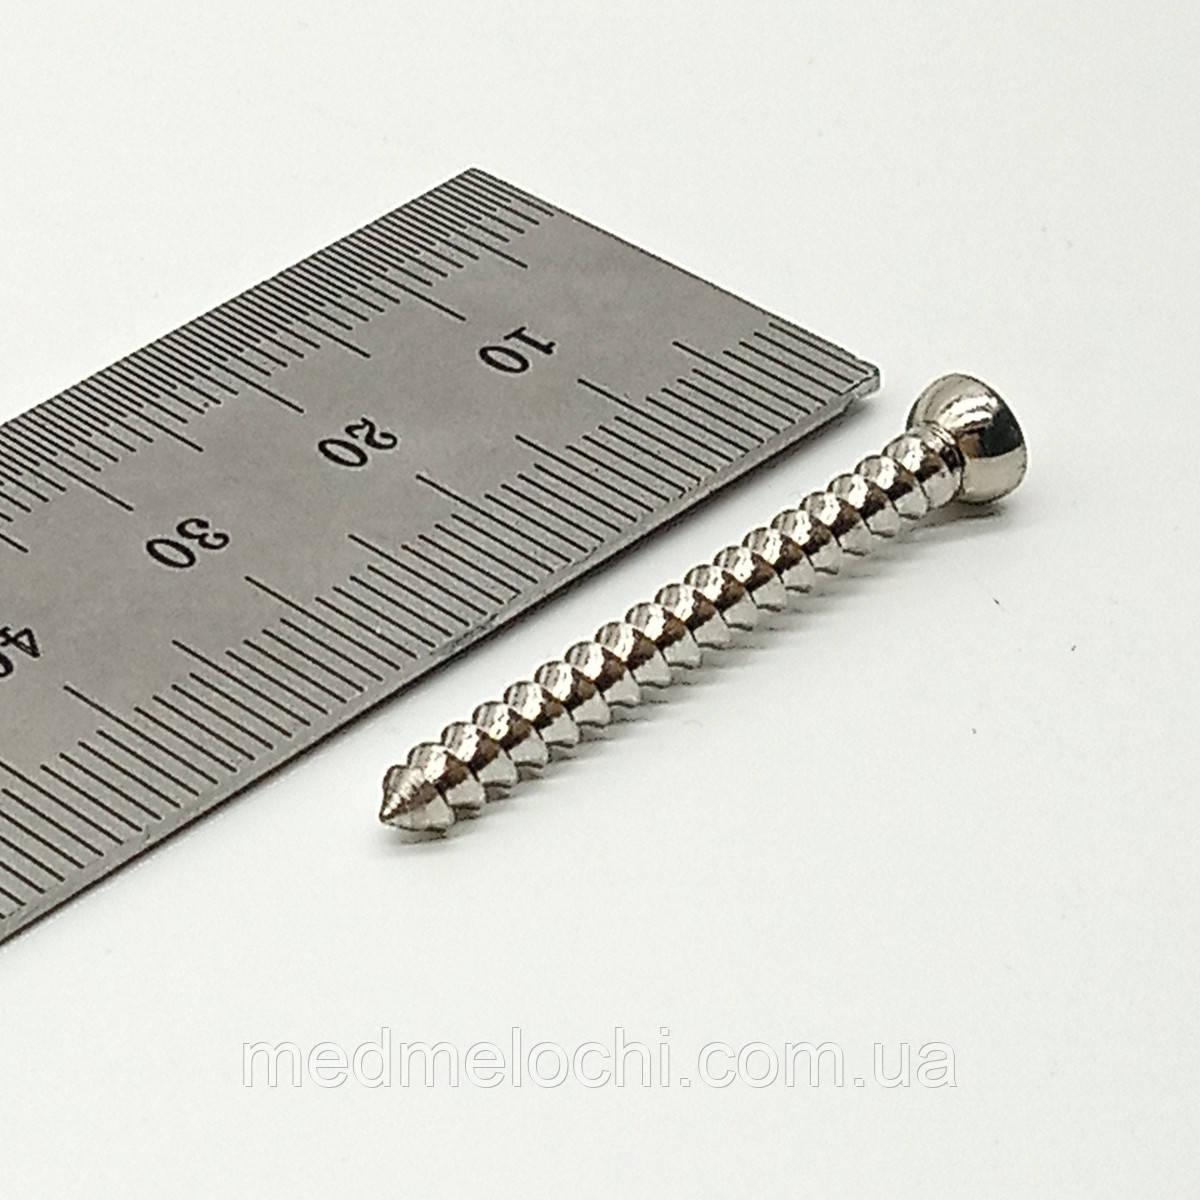 Винт малый спонгиозный D=3,5мм, 36мм